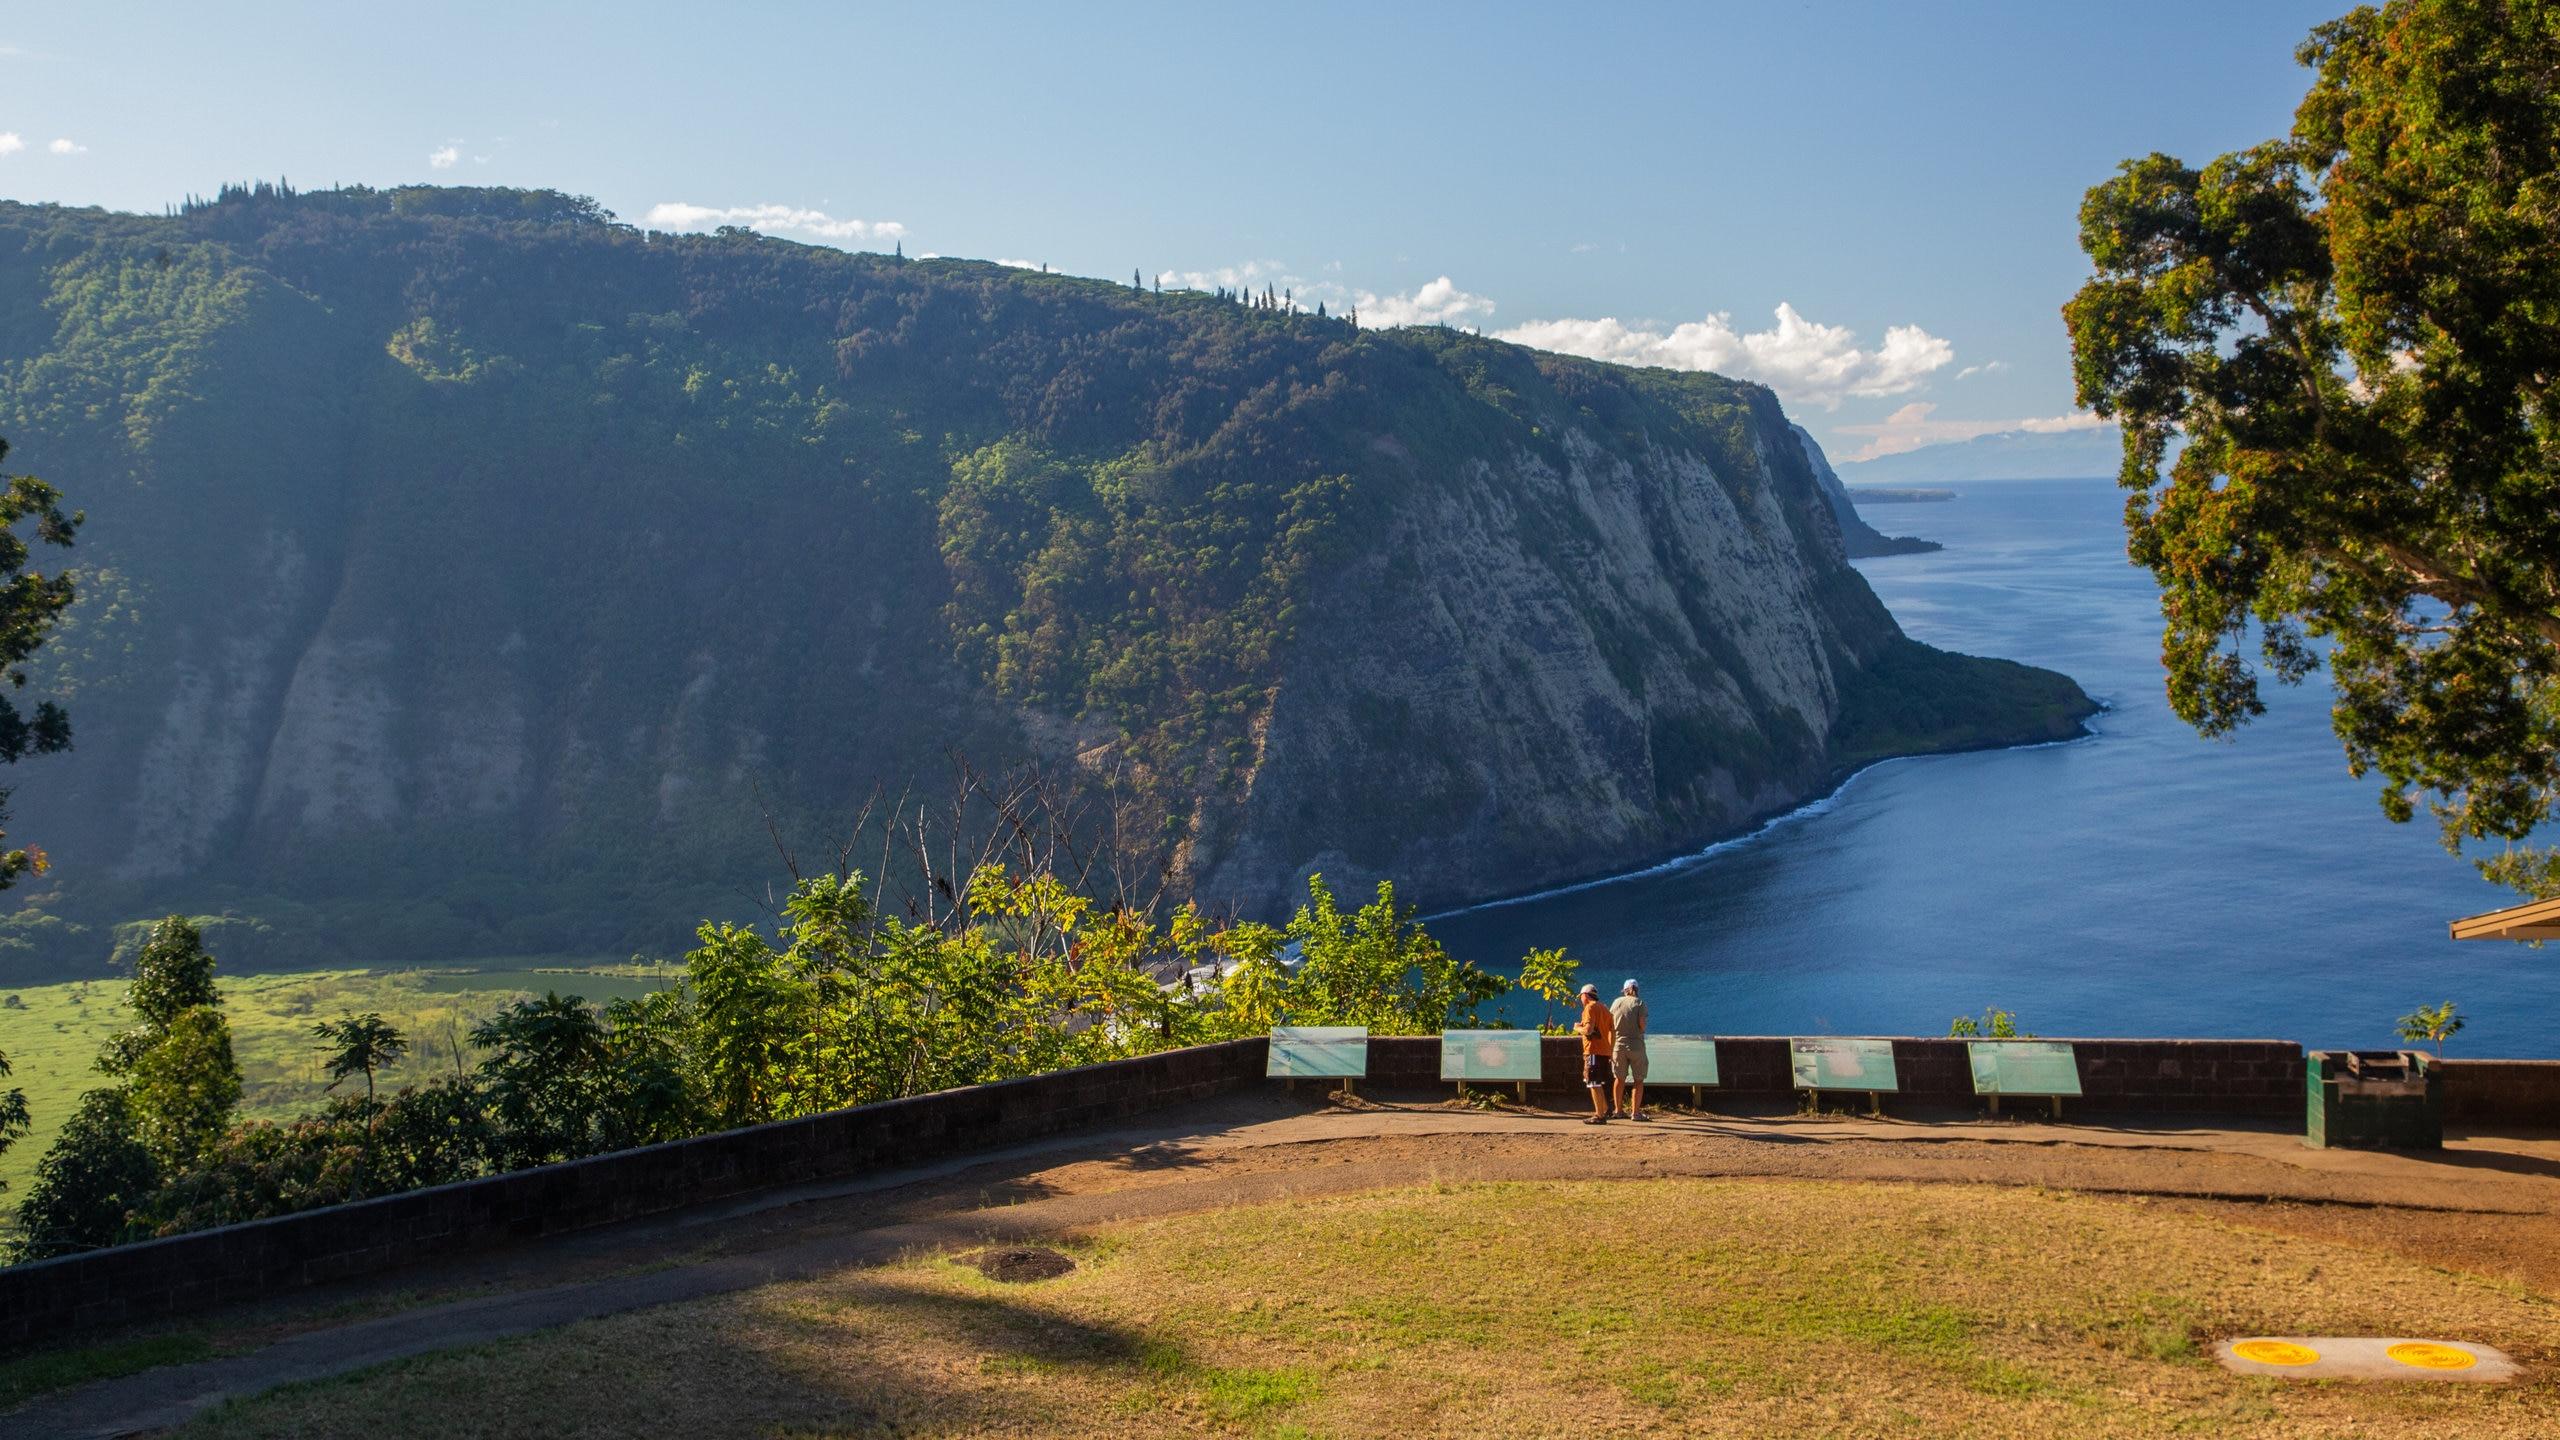 Waipio Valley Lookout, Honokaa, Hawaï, Verenigde Staten